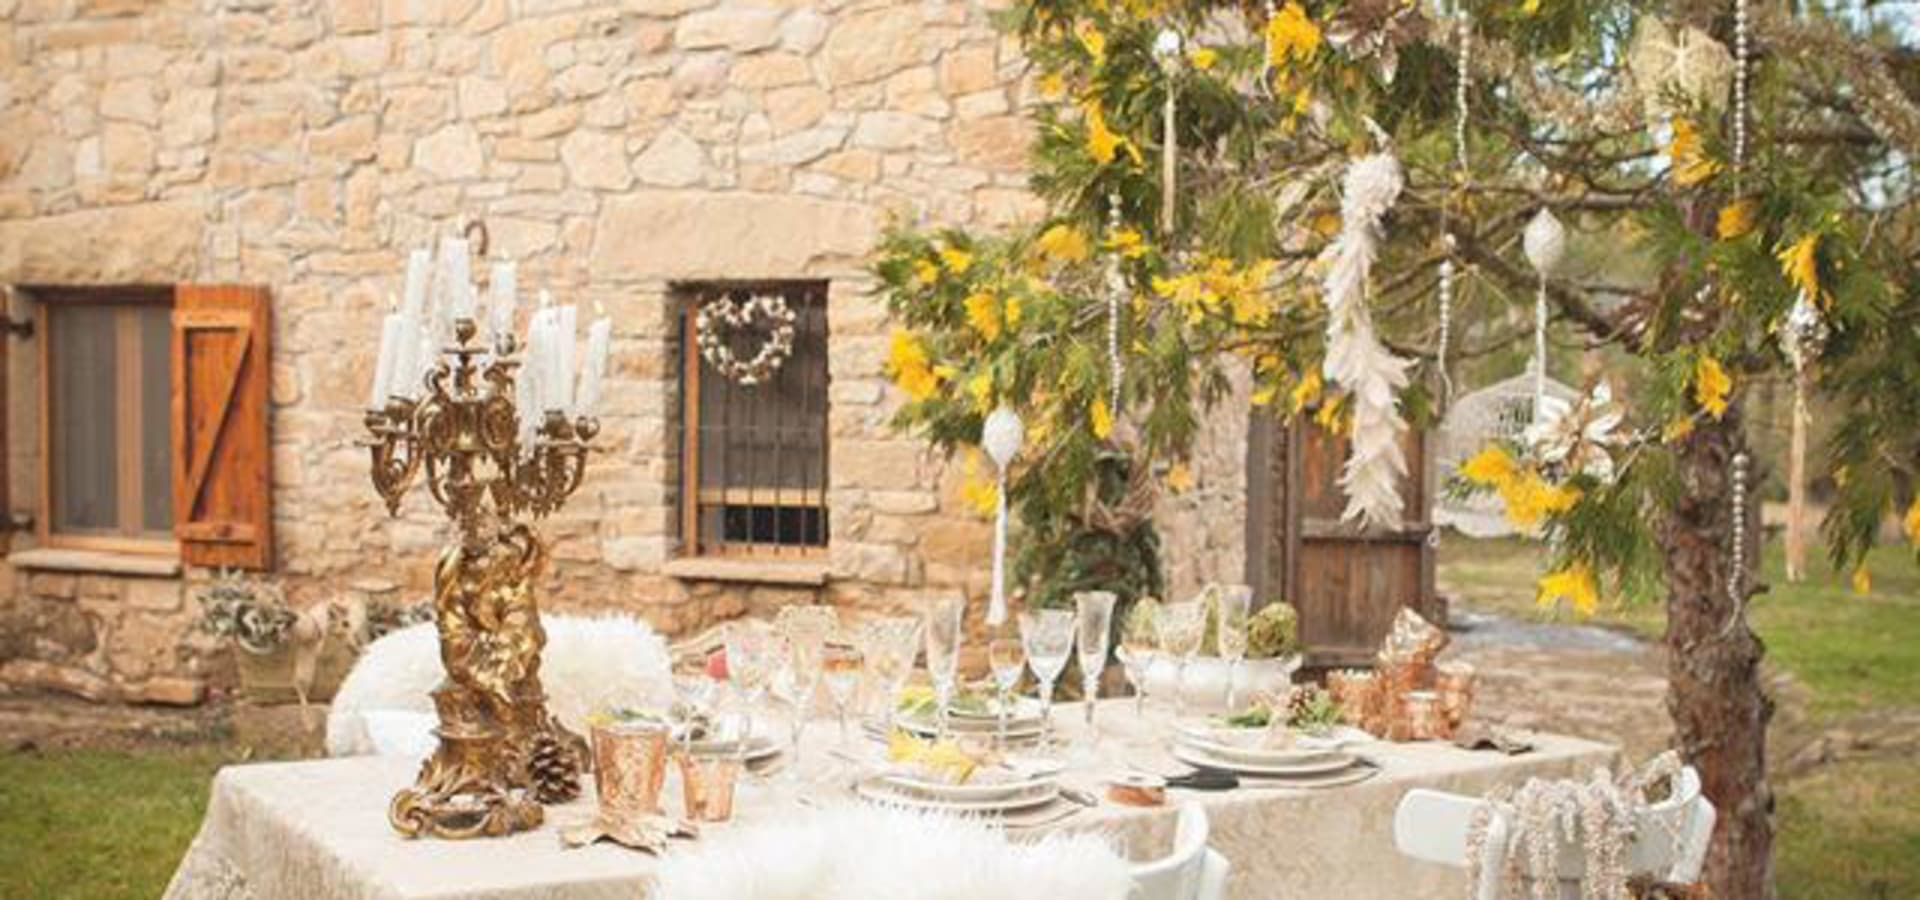 The decoshopper decoradores y dise adores de interiores - Decoradores de interiores barcelona ...